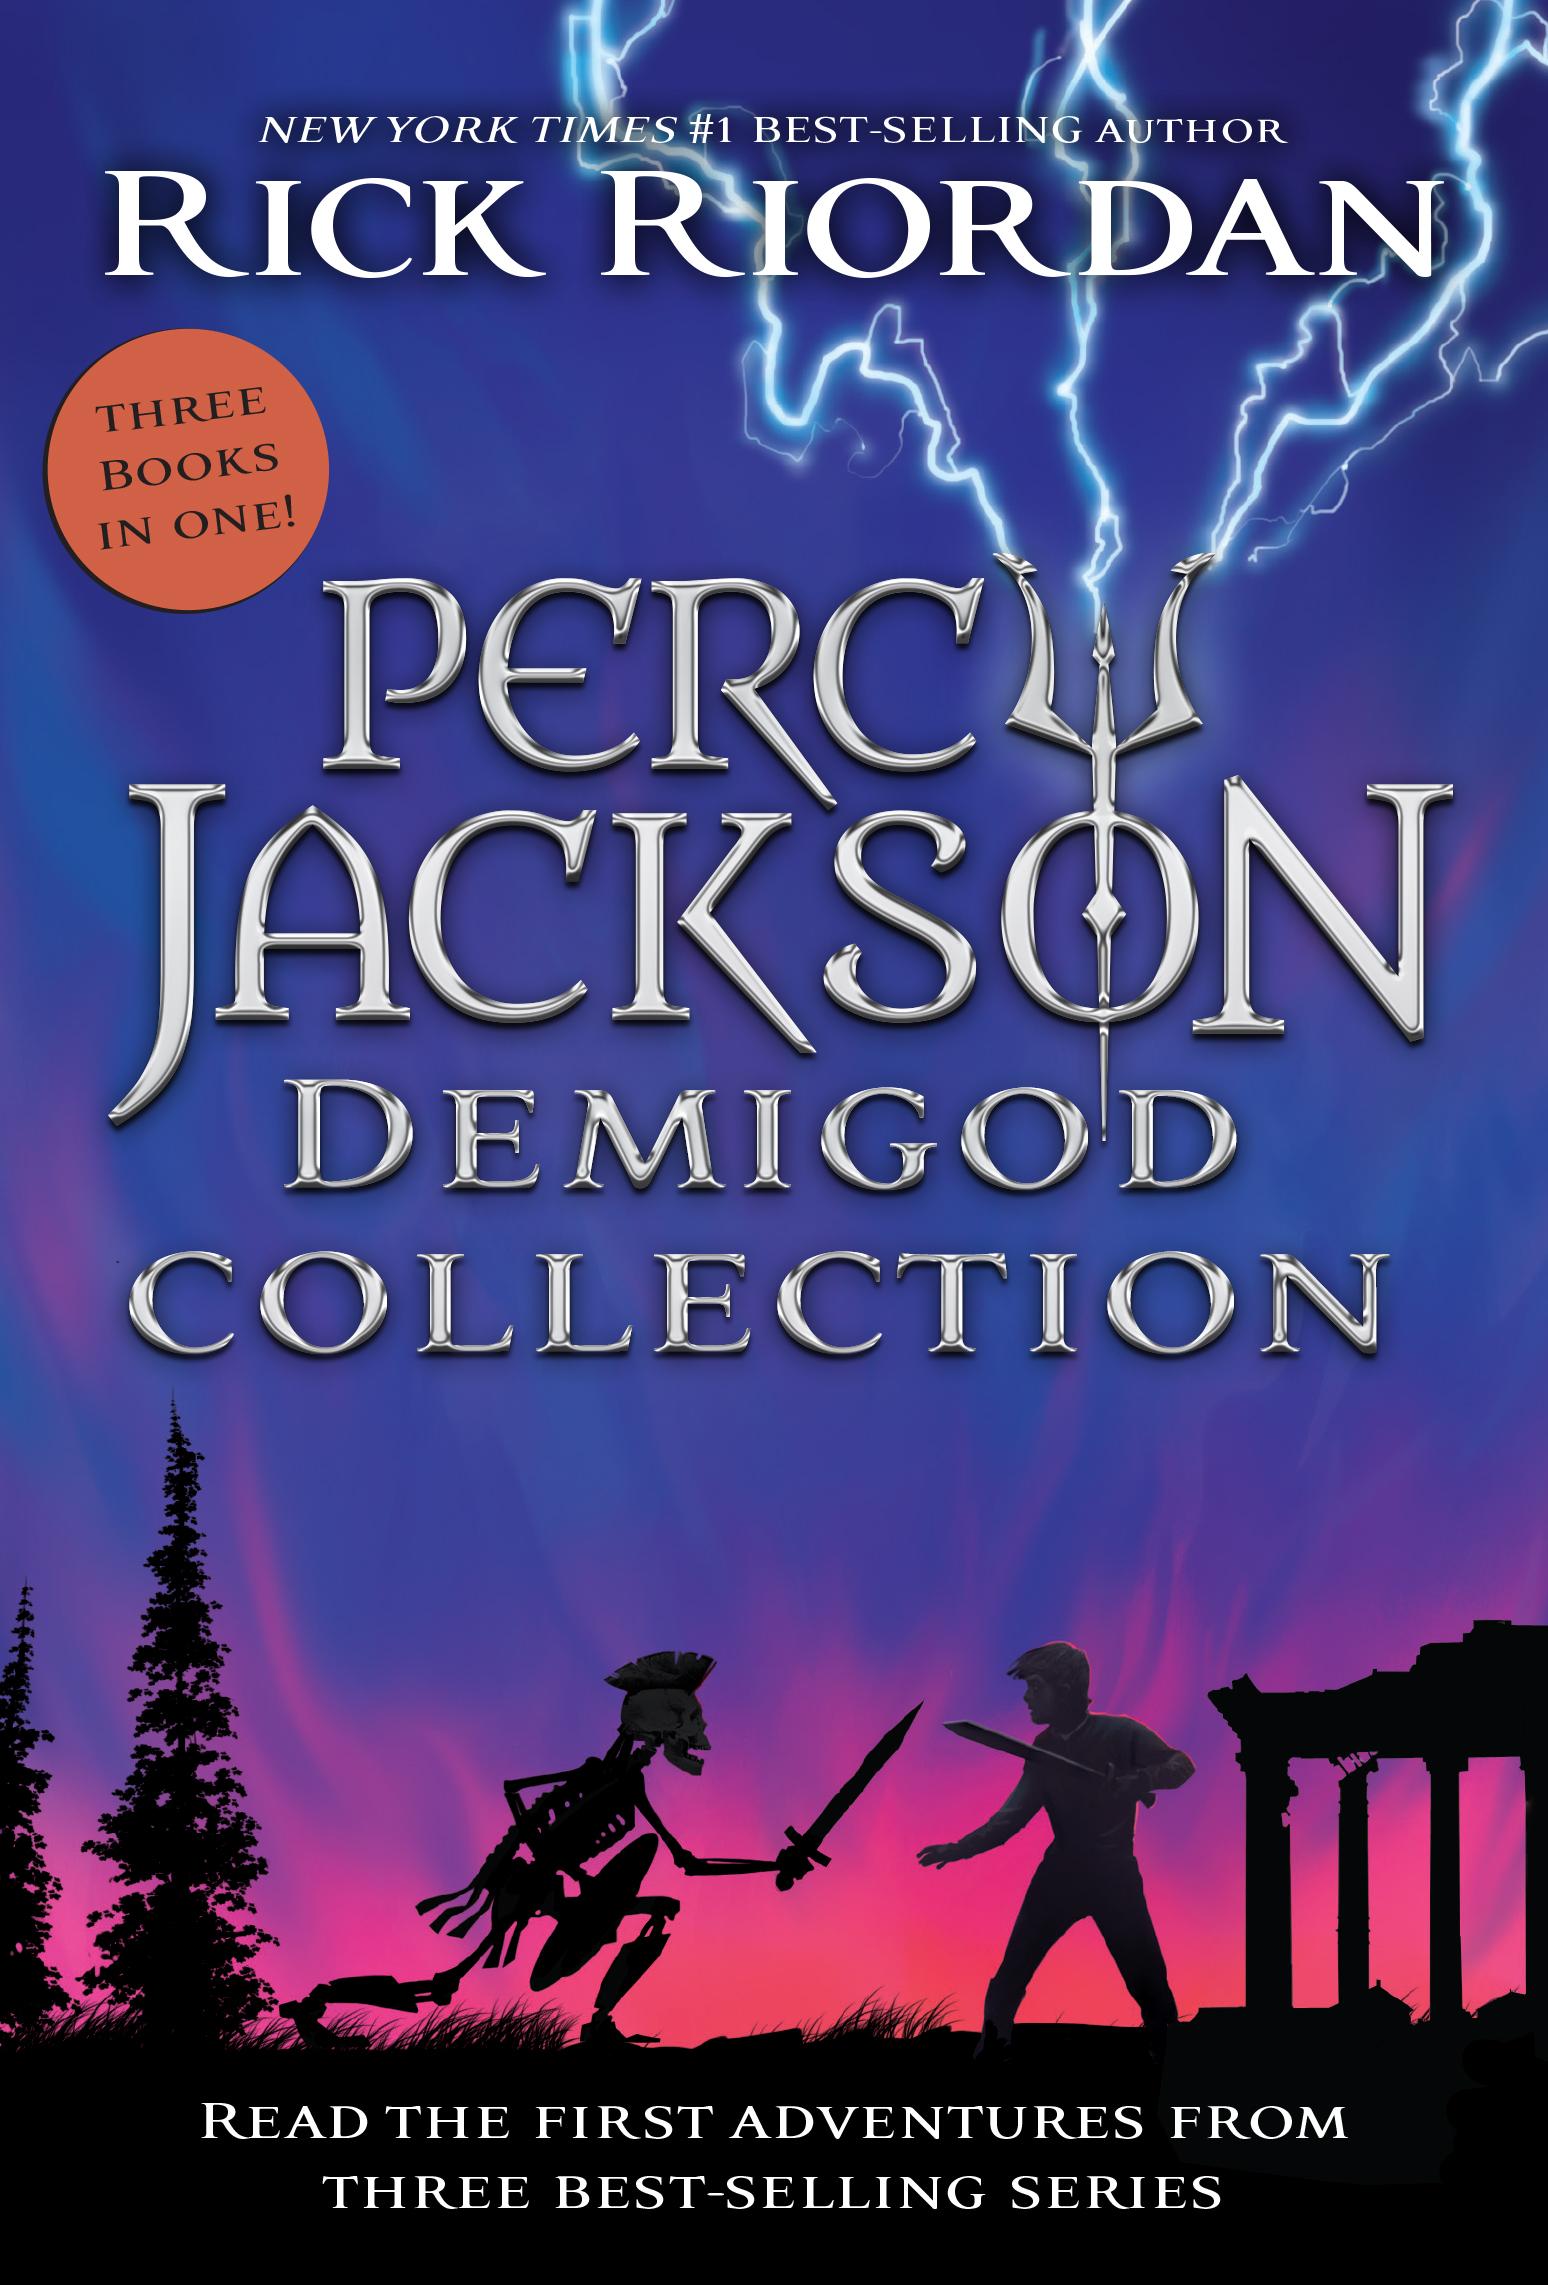 is percy jackson disney